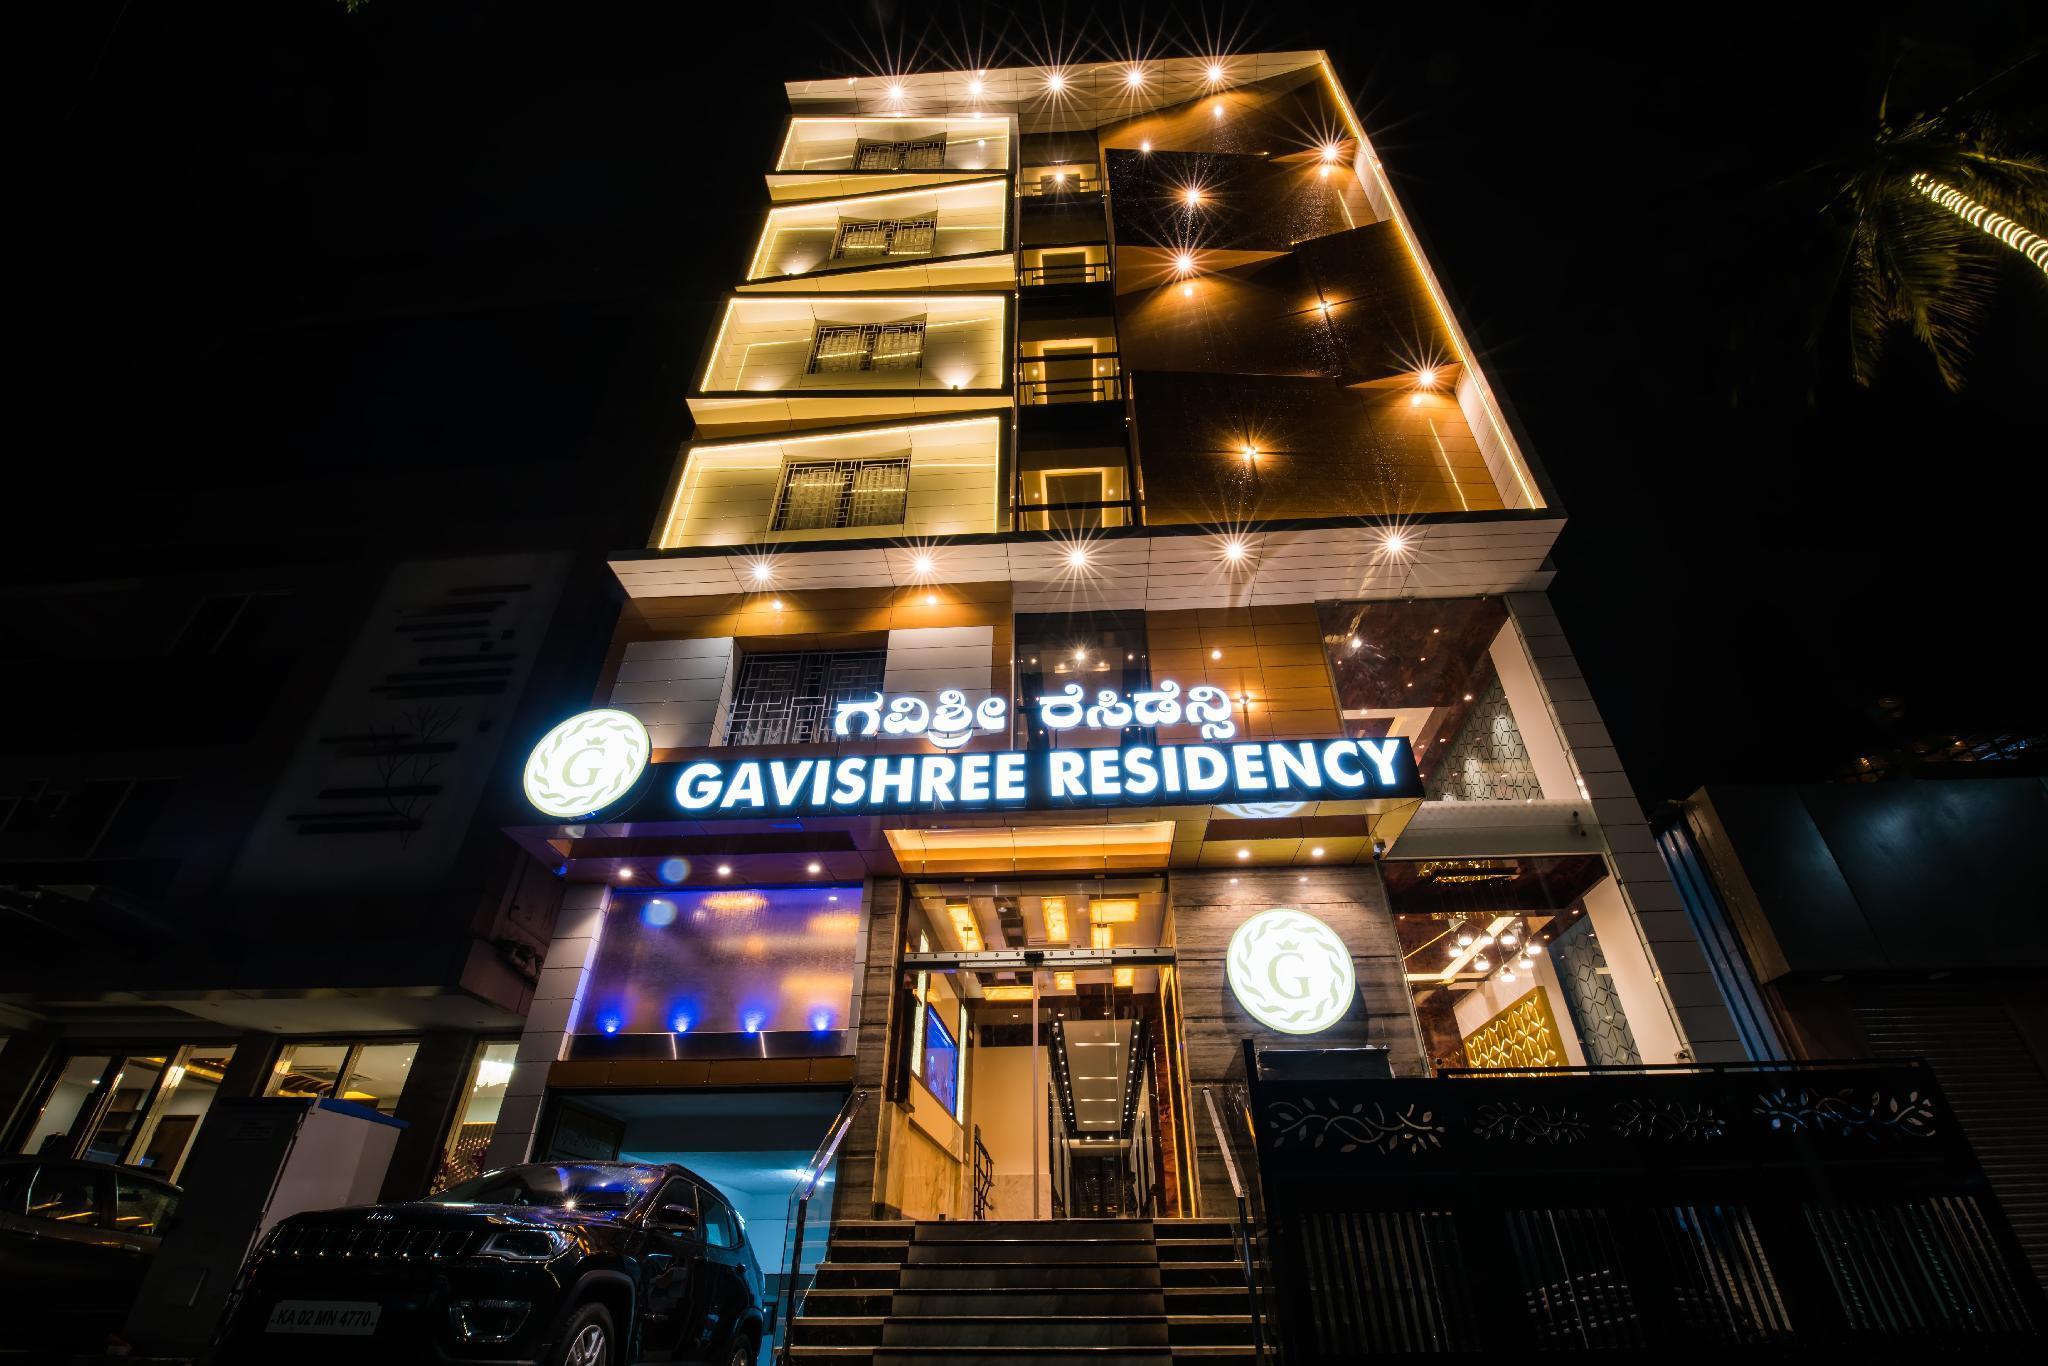 Gavishree Residency